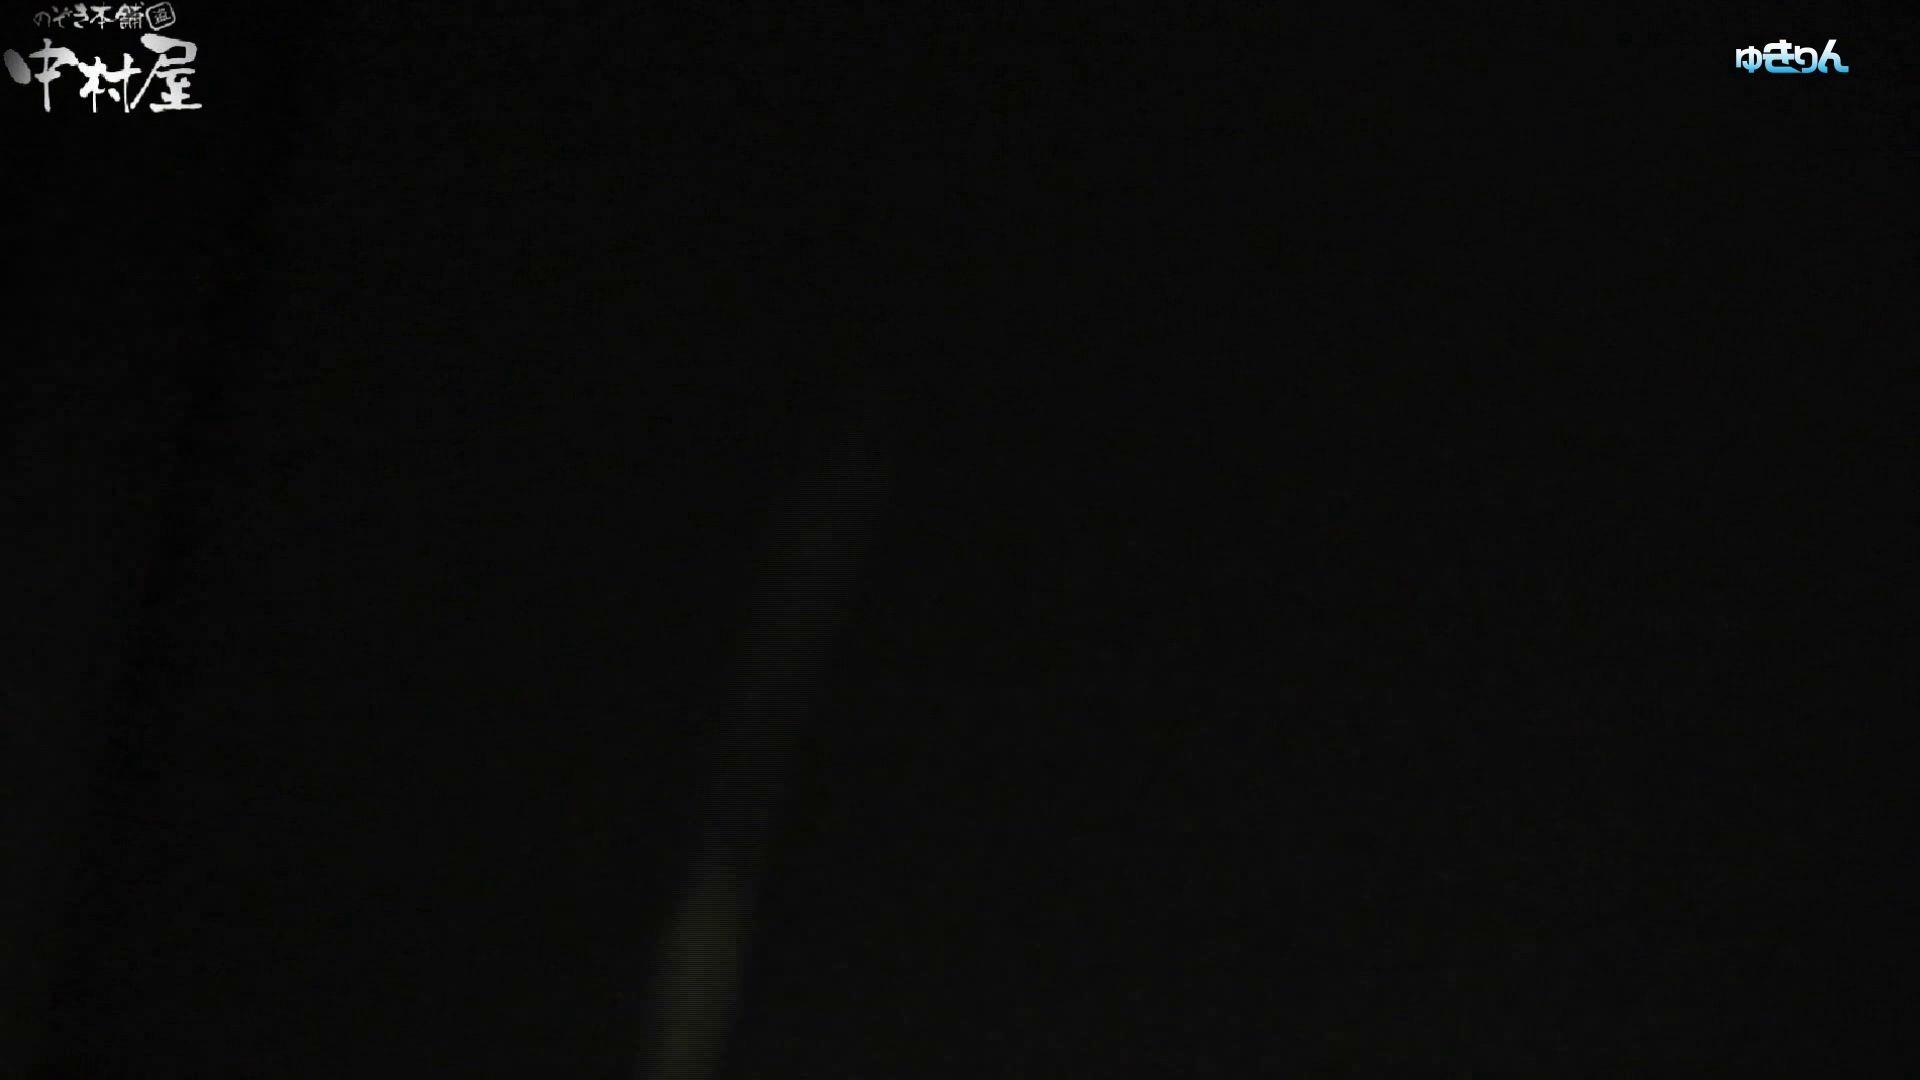 世界の射窓から~ステーション編 vol58 0.1%の確率!!吸い付こまれるプレミアム聖地 盗撮特集   おまんこ  83画像 65